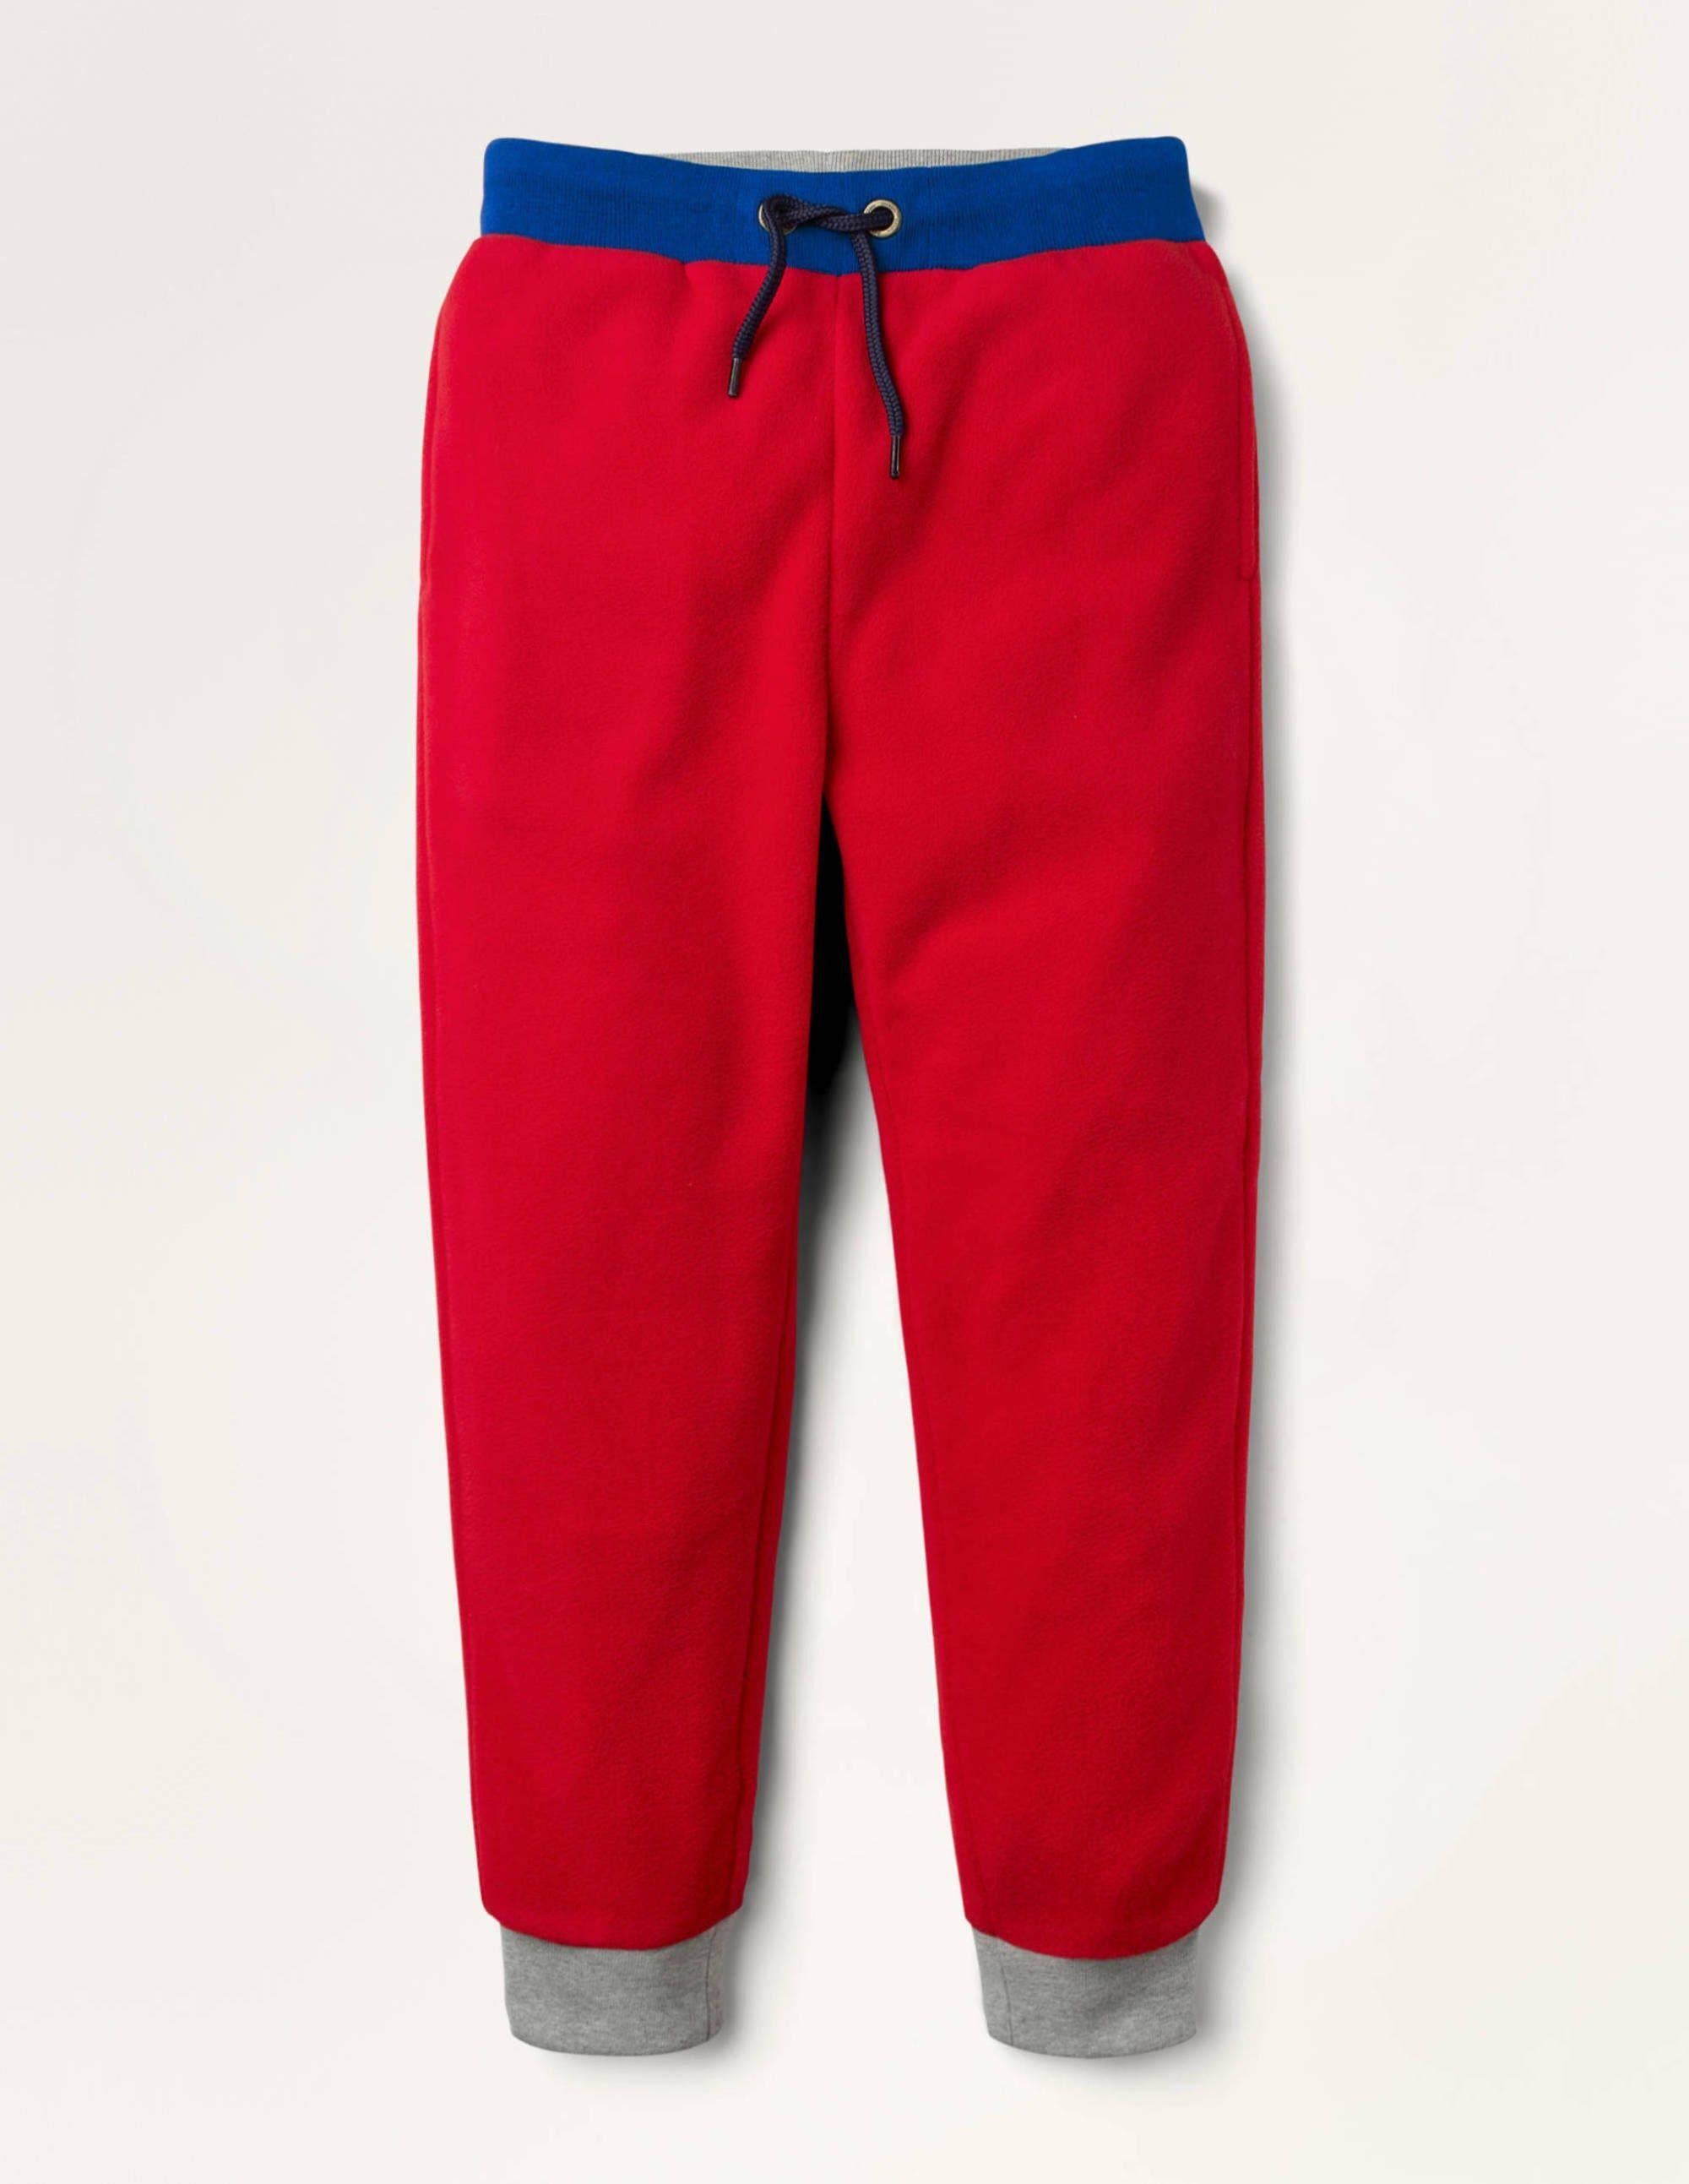 Mini Bas de jogging en micro-polaire RED Garçon Boden, Red - 12a